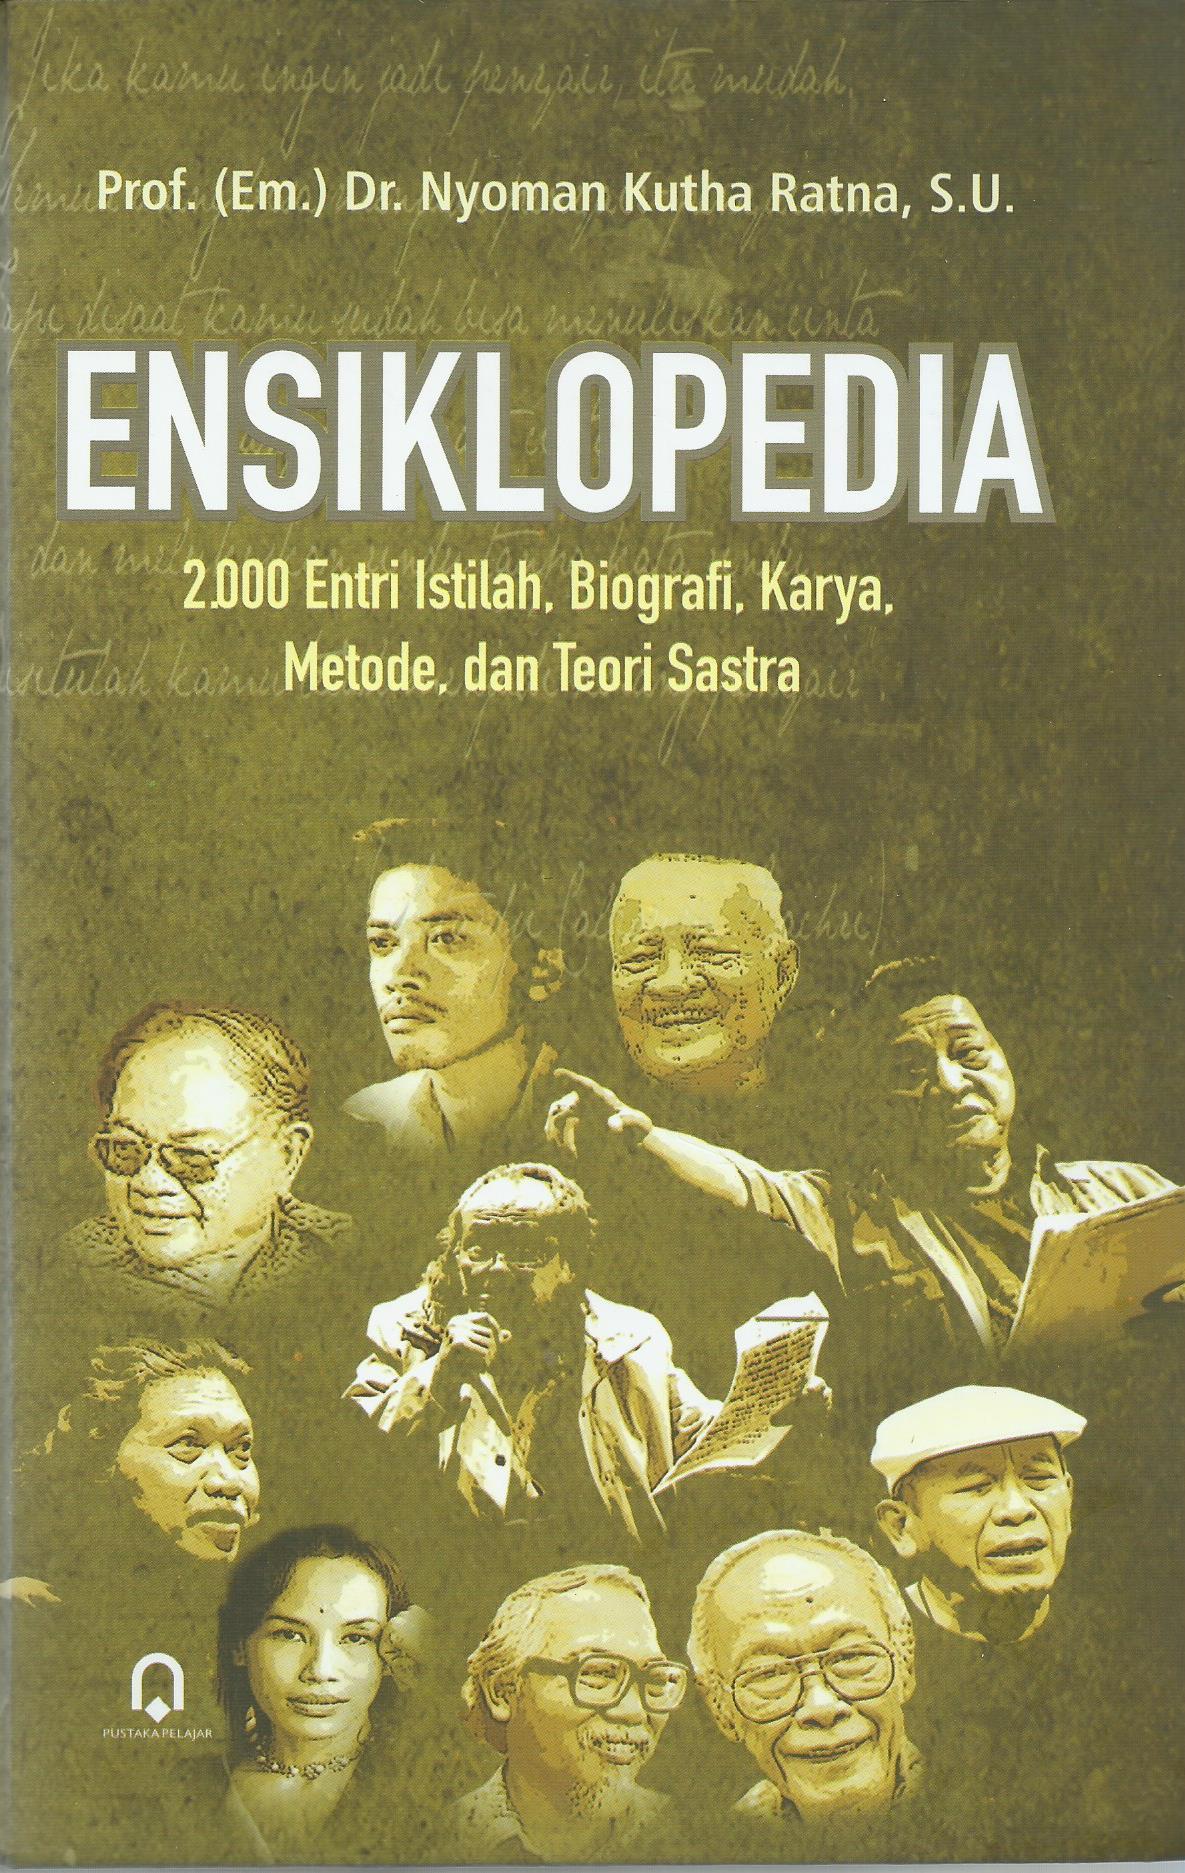 Ensiklopedia 2000 Entri Istilah Biografi Karya Metode dan Teori Sastra